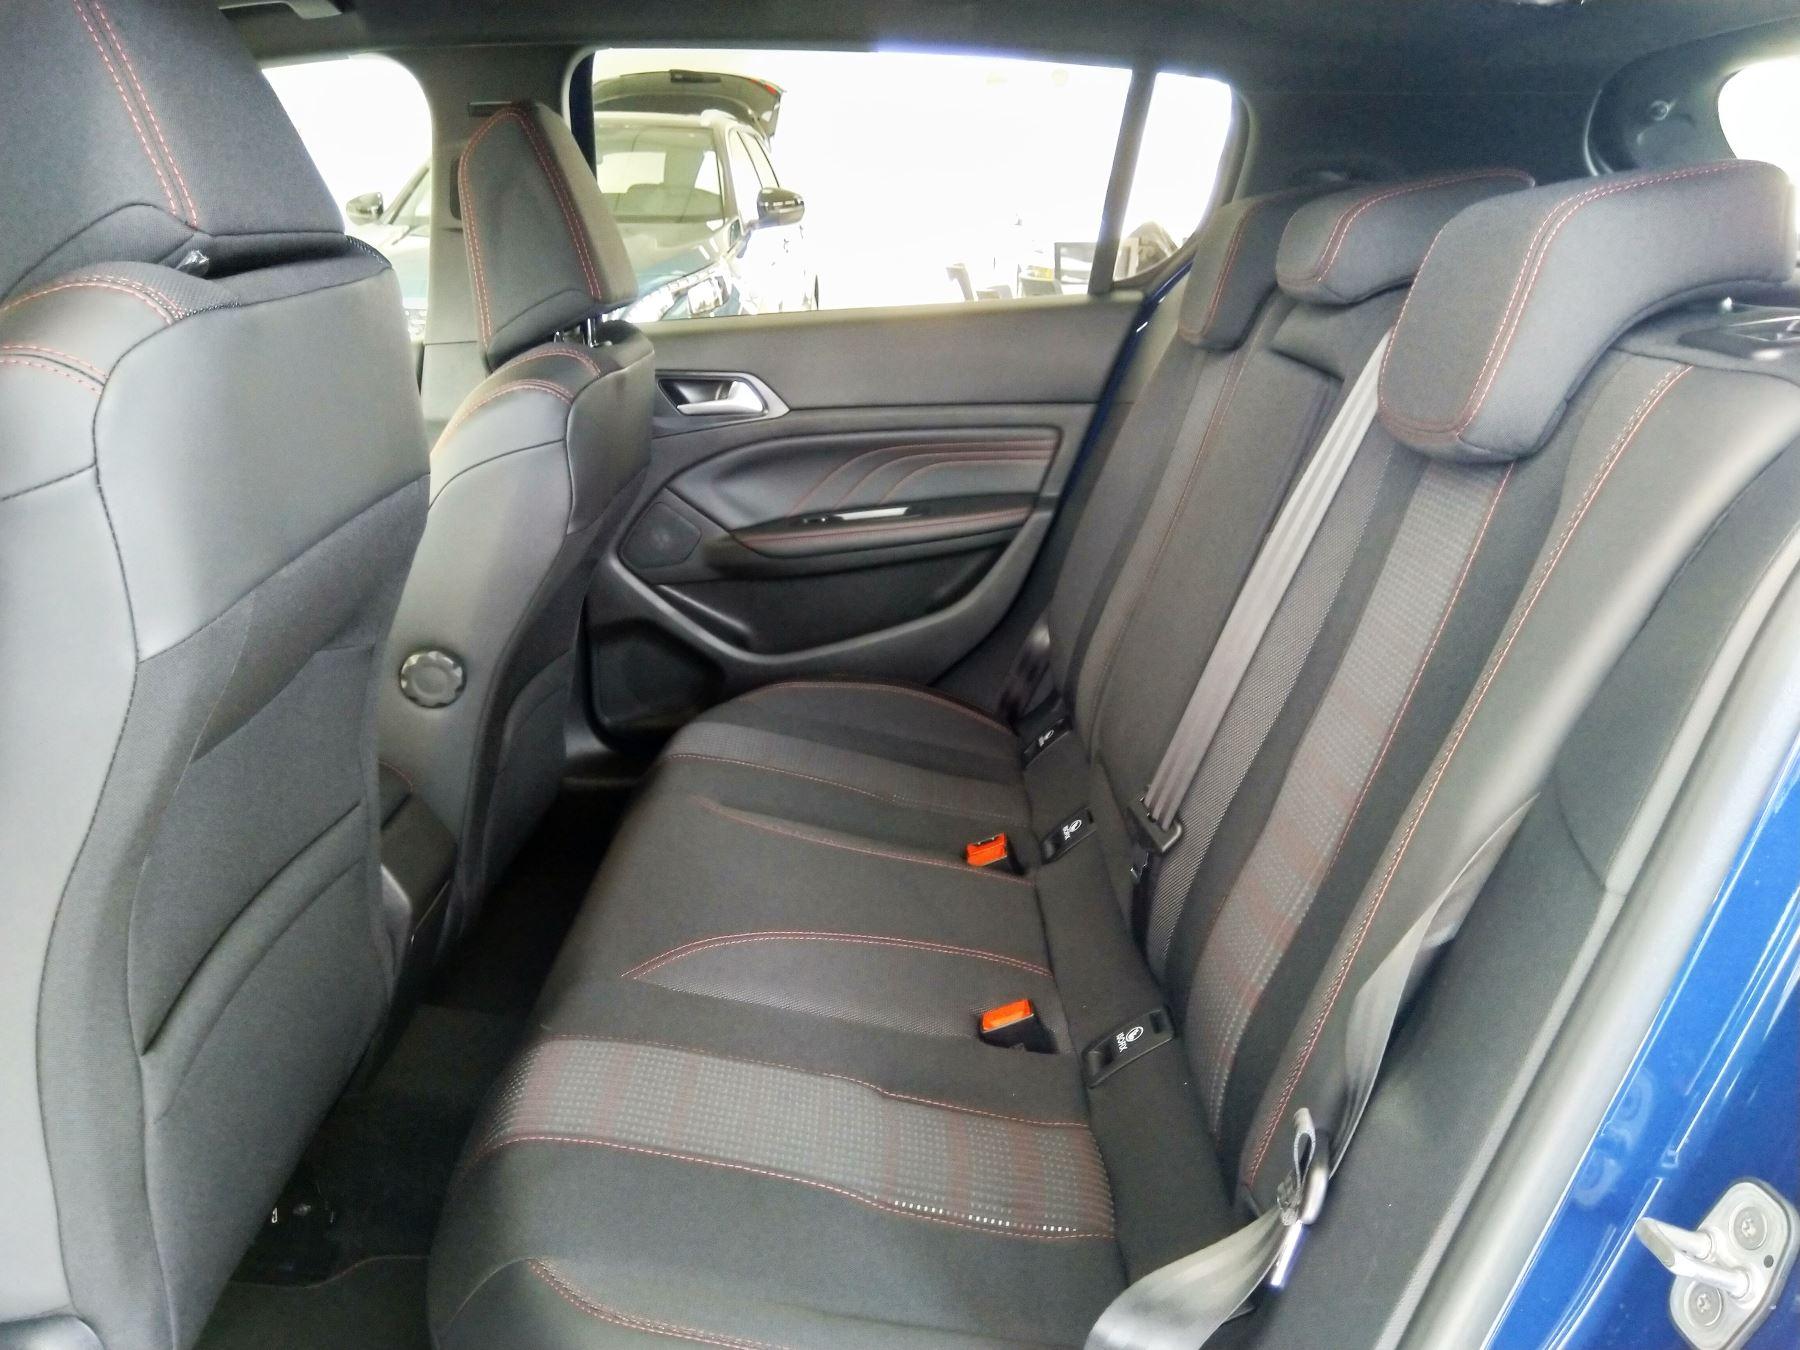 Peugeot 308 1.5 BlueHDi 130 GT Line image 8